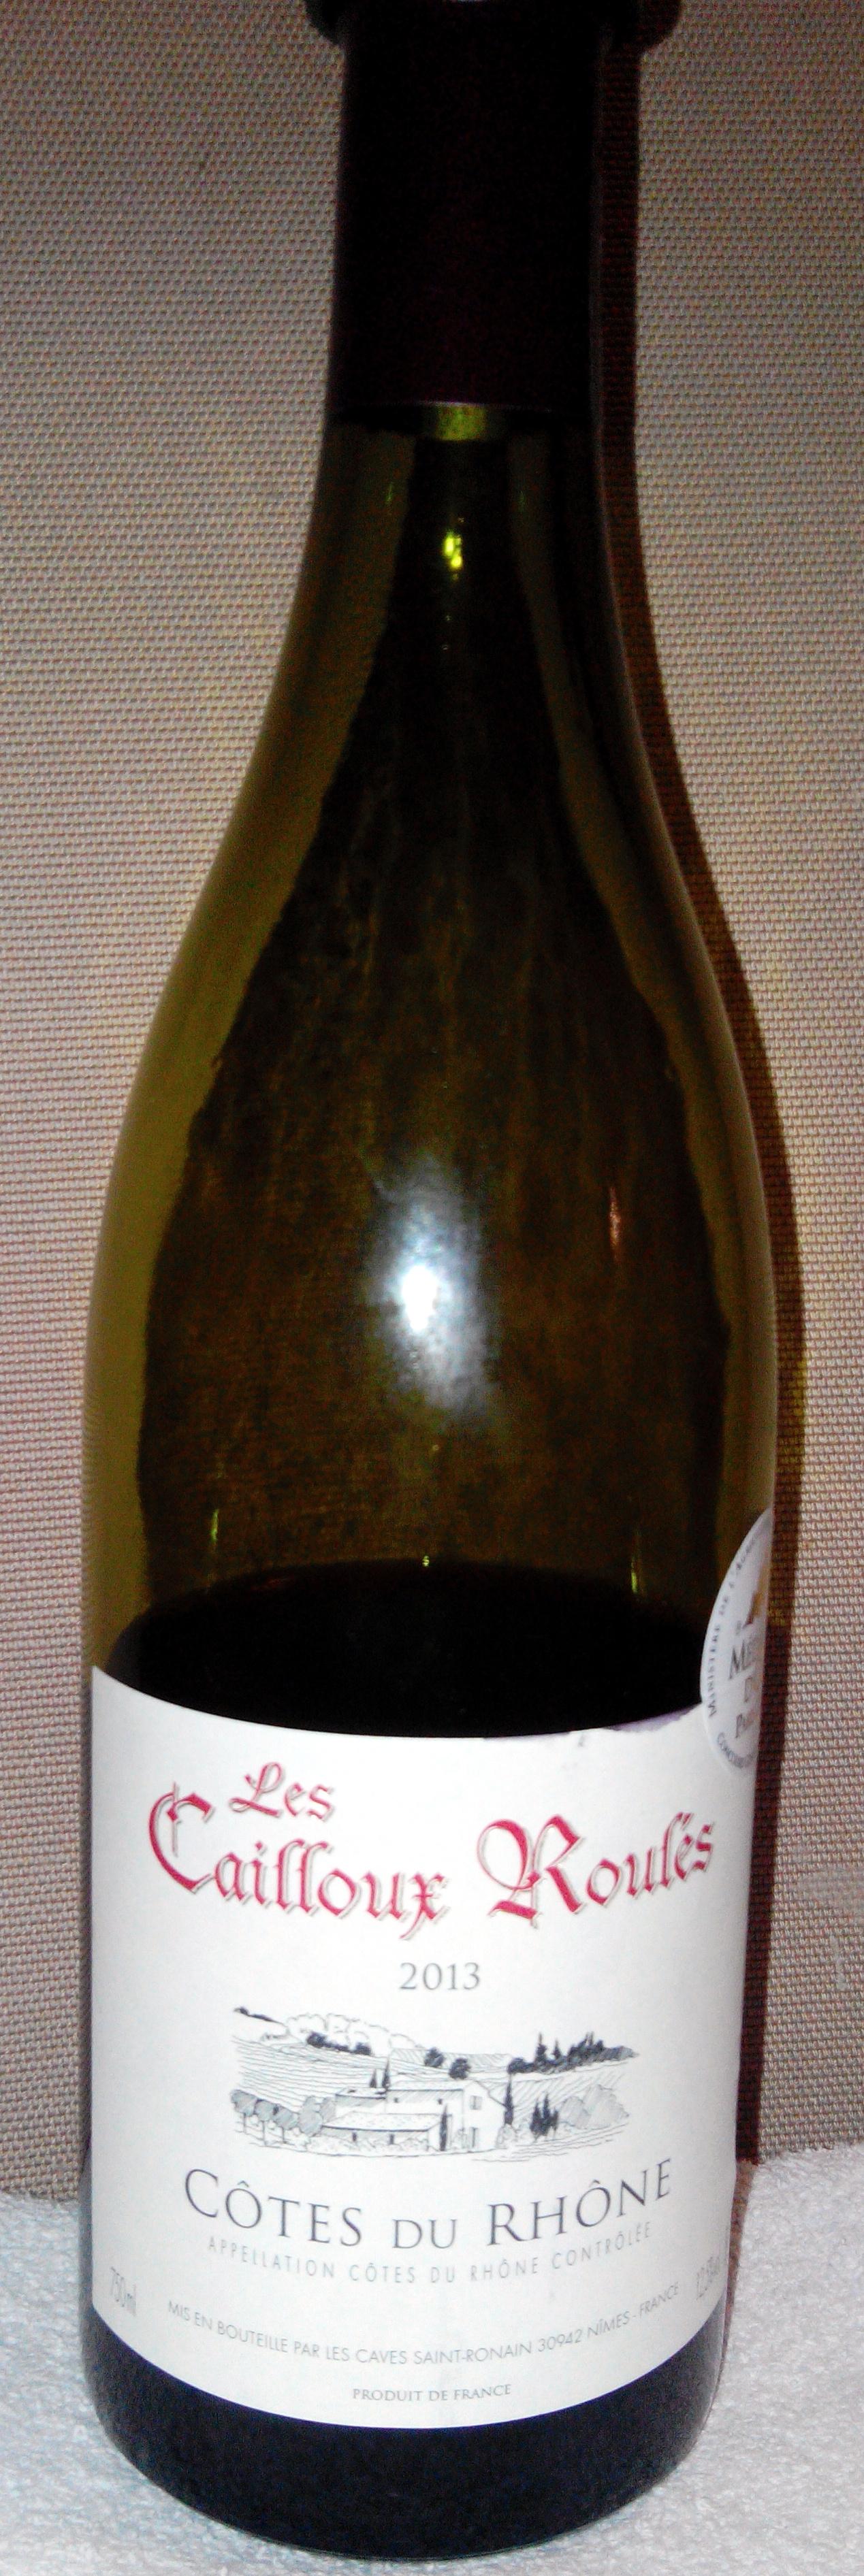 Côtes du Rhône, les cailloux roulés - Product - fr